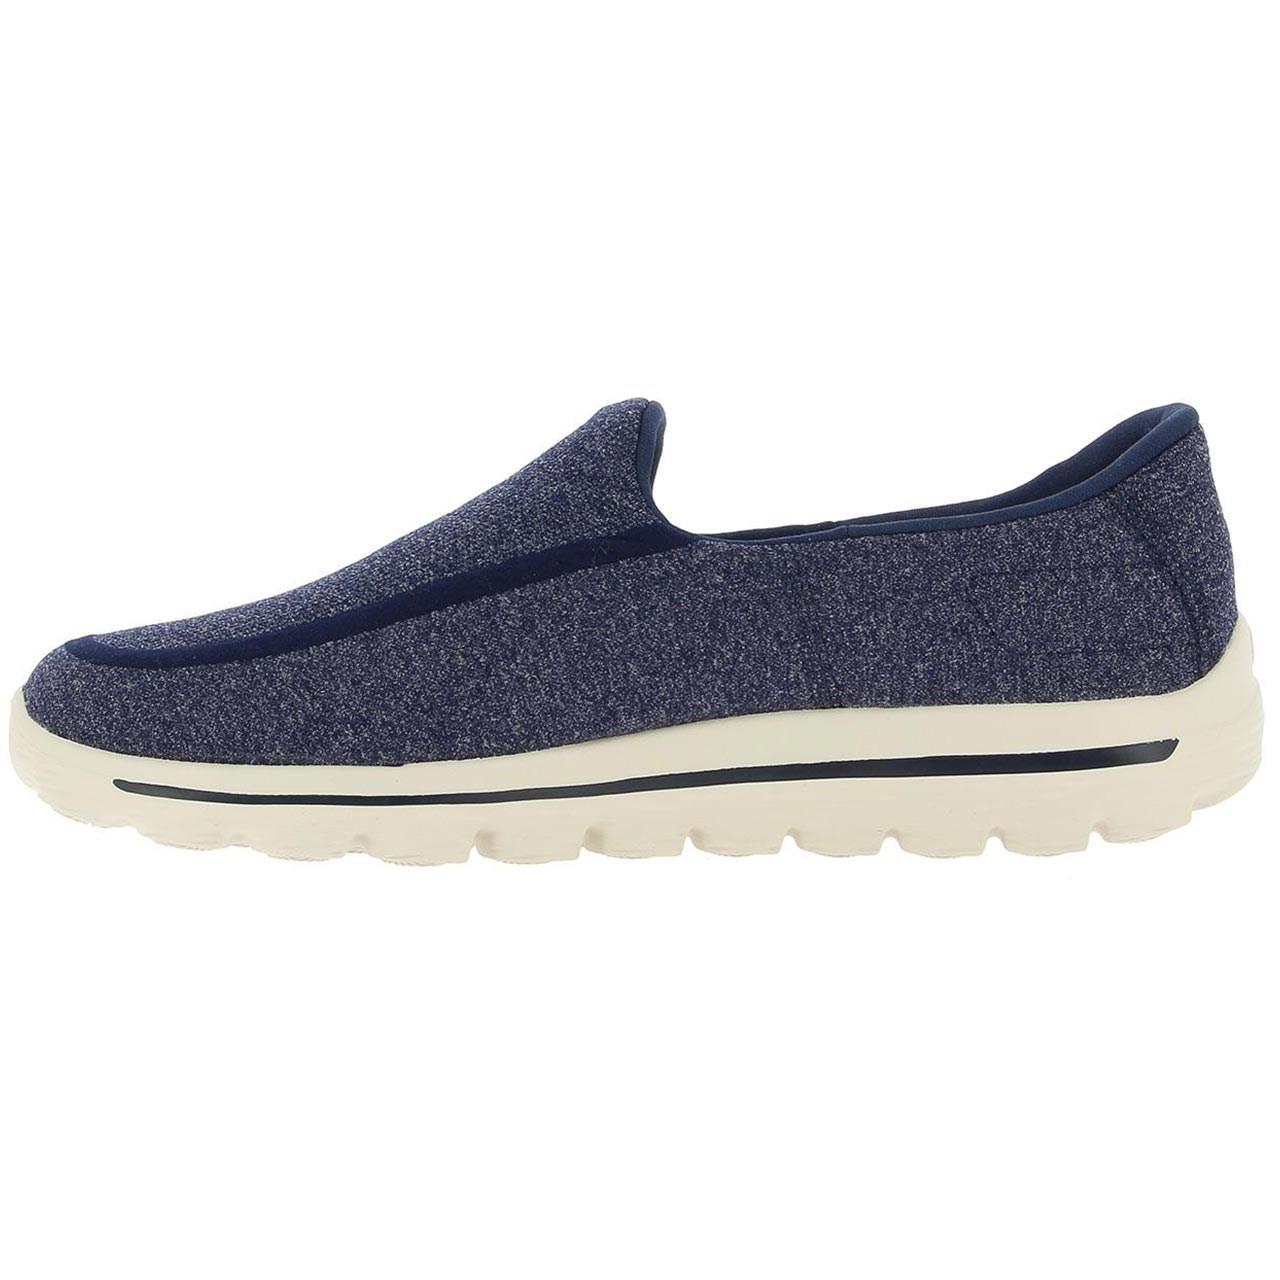 قیمت کفش مخصوص دویدن مردانه اسکچرز مدل Go Walk 2 - Super Sock